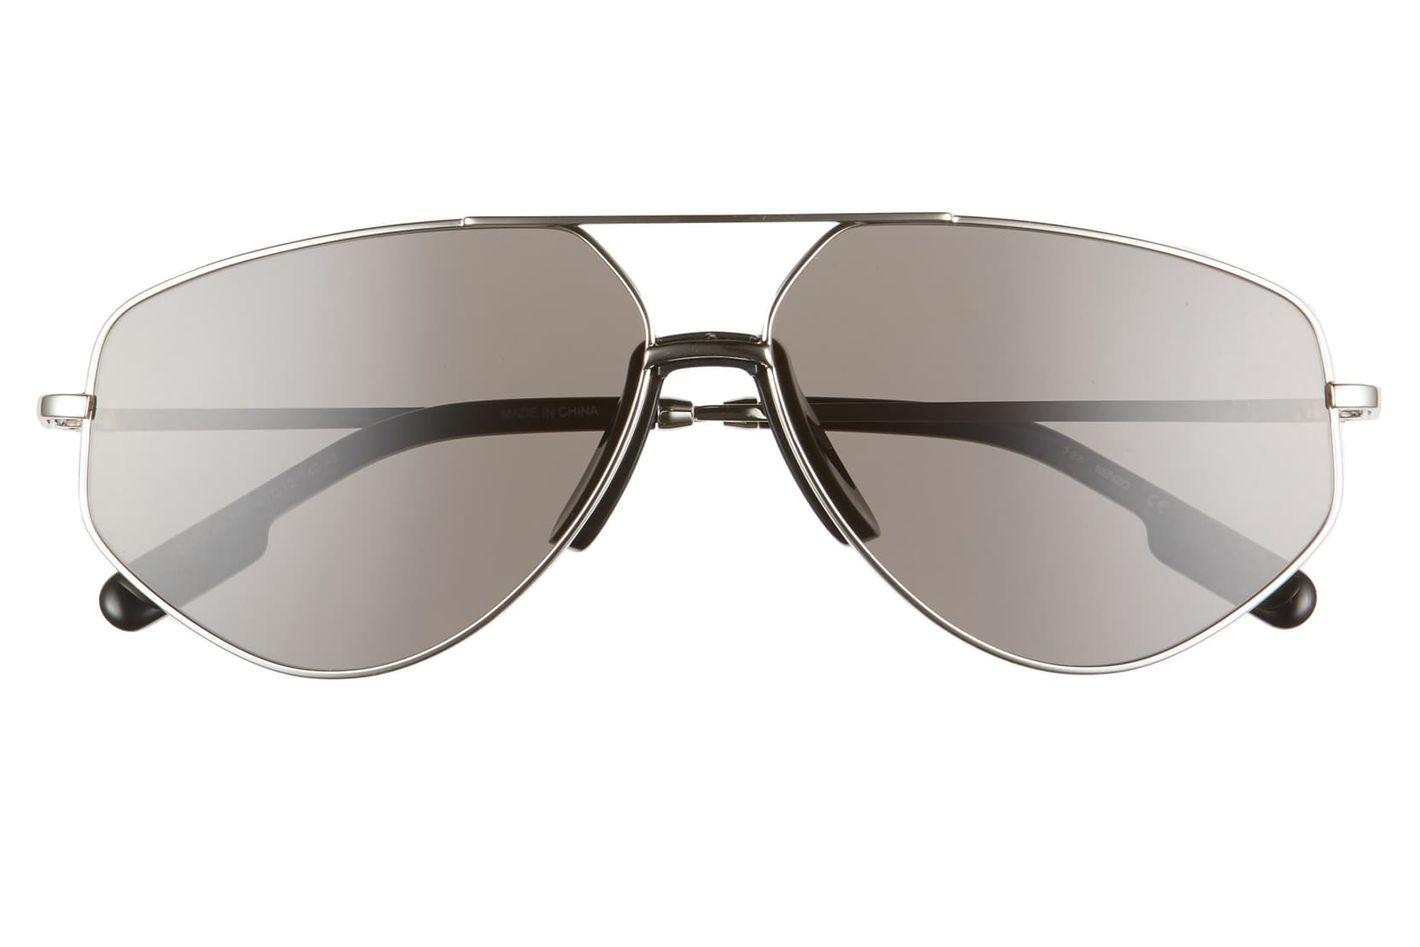 Kenzo 61mm Aviator Sunglasses